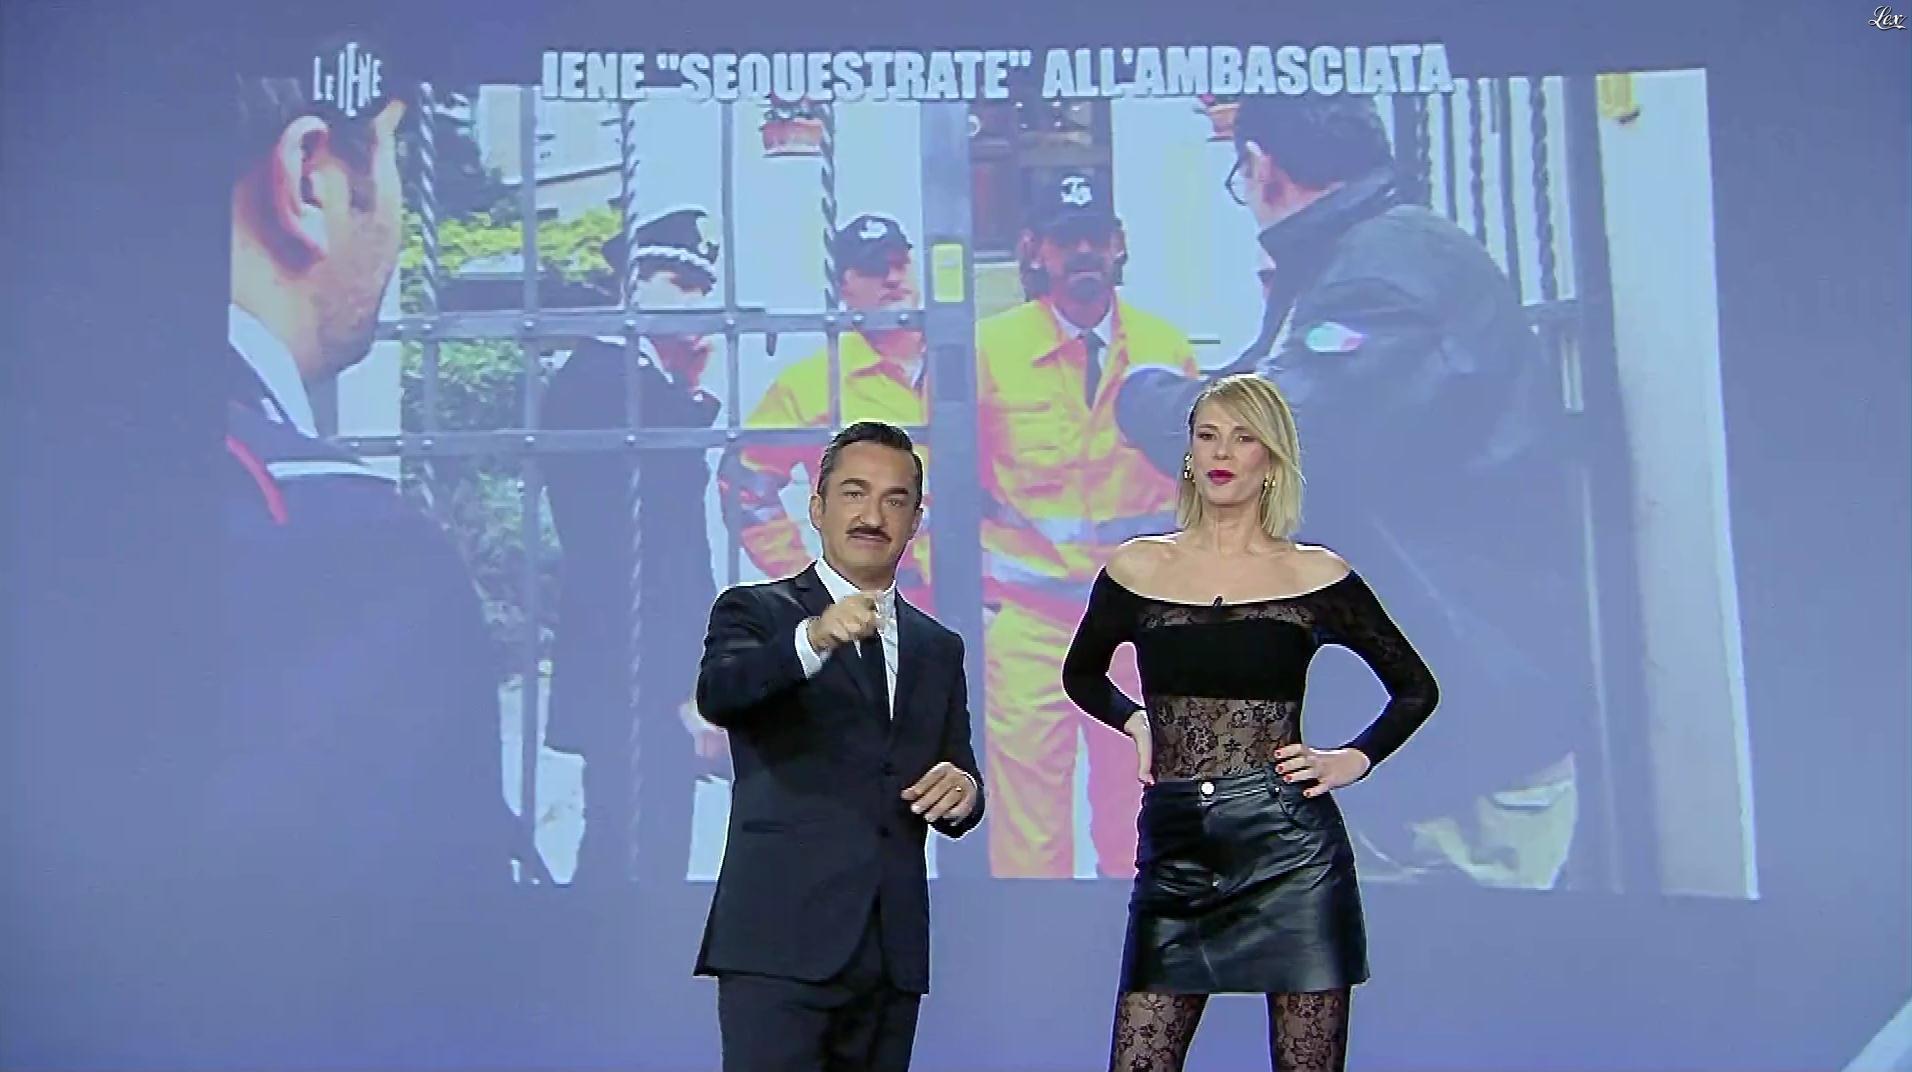 Alessia Marcuzzi dans le Iene. Diffusé à la télévision le 17/12/19.